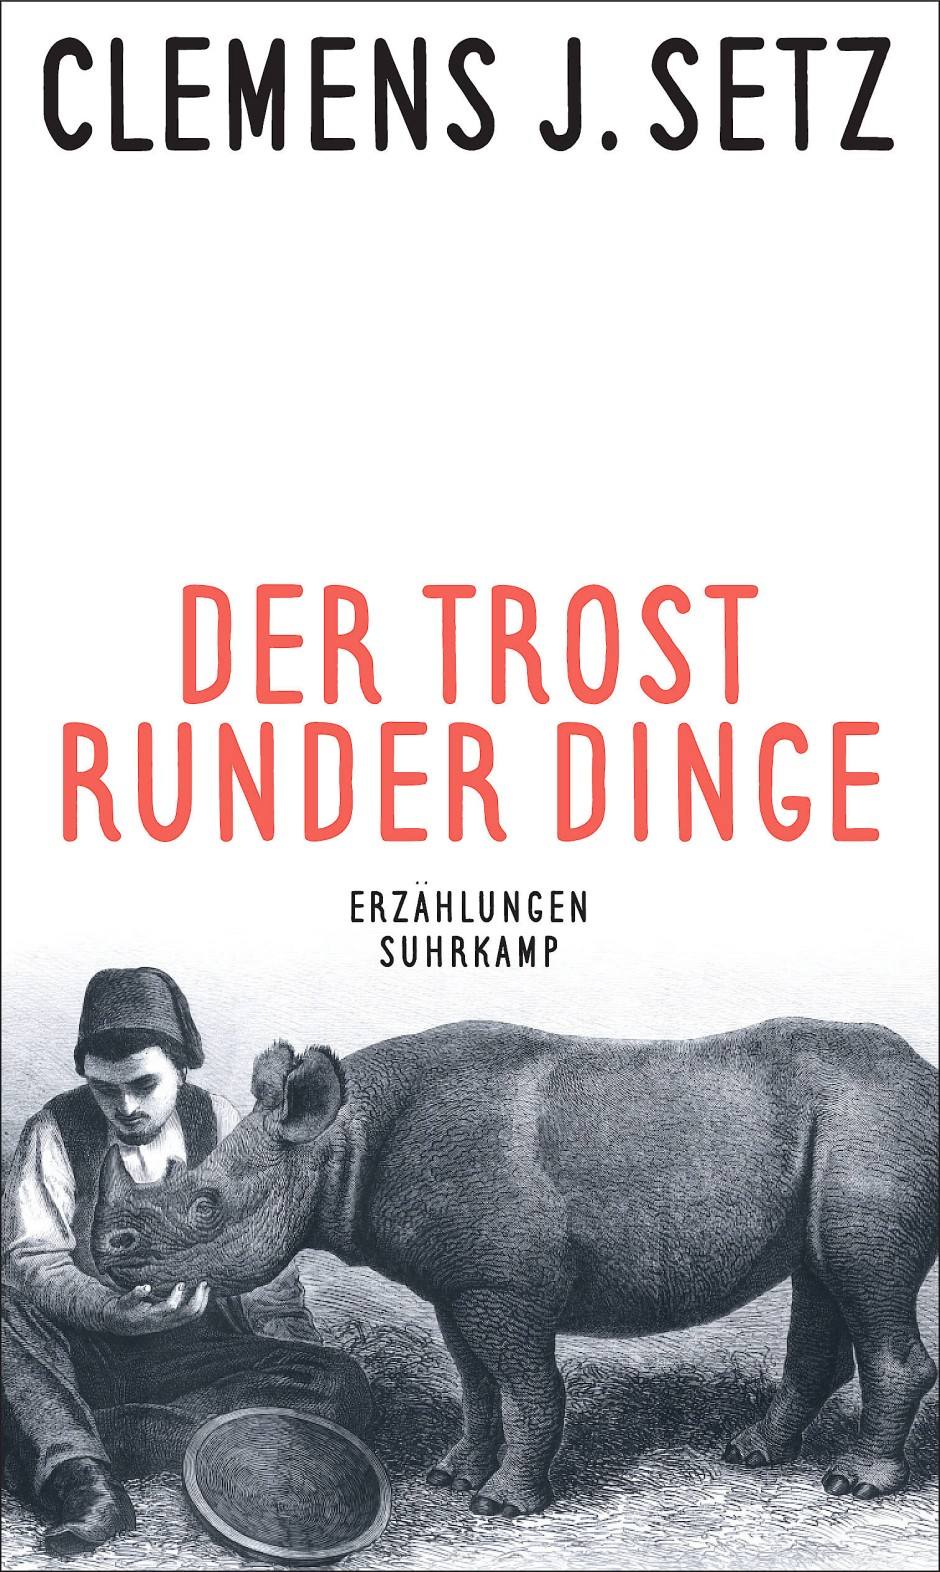 """Clemens J. Setz: """"Der Trost runder Dinge"""". Erzählungen. Suhrkamp, 320 Seiten, 24 Euro."""